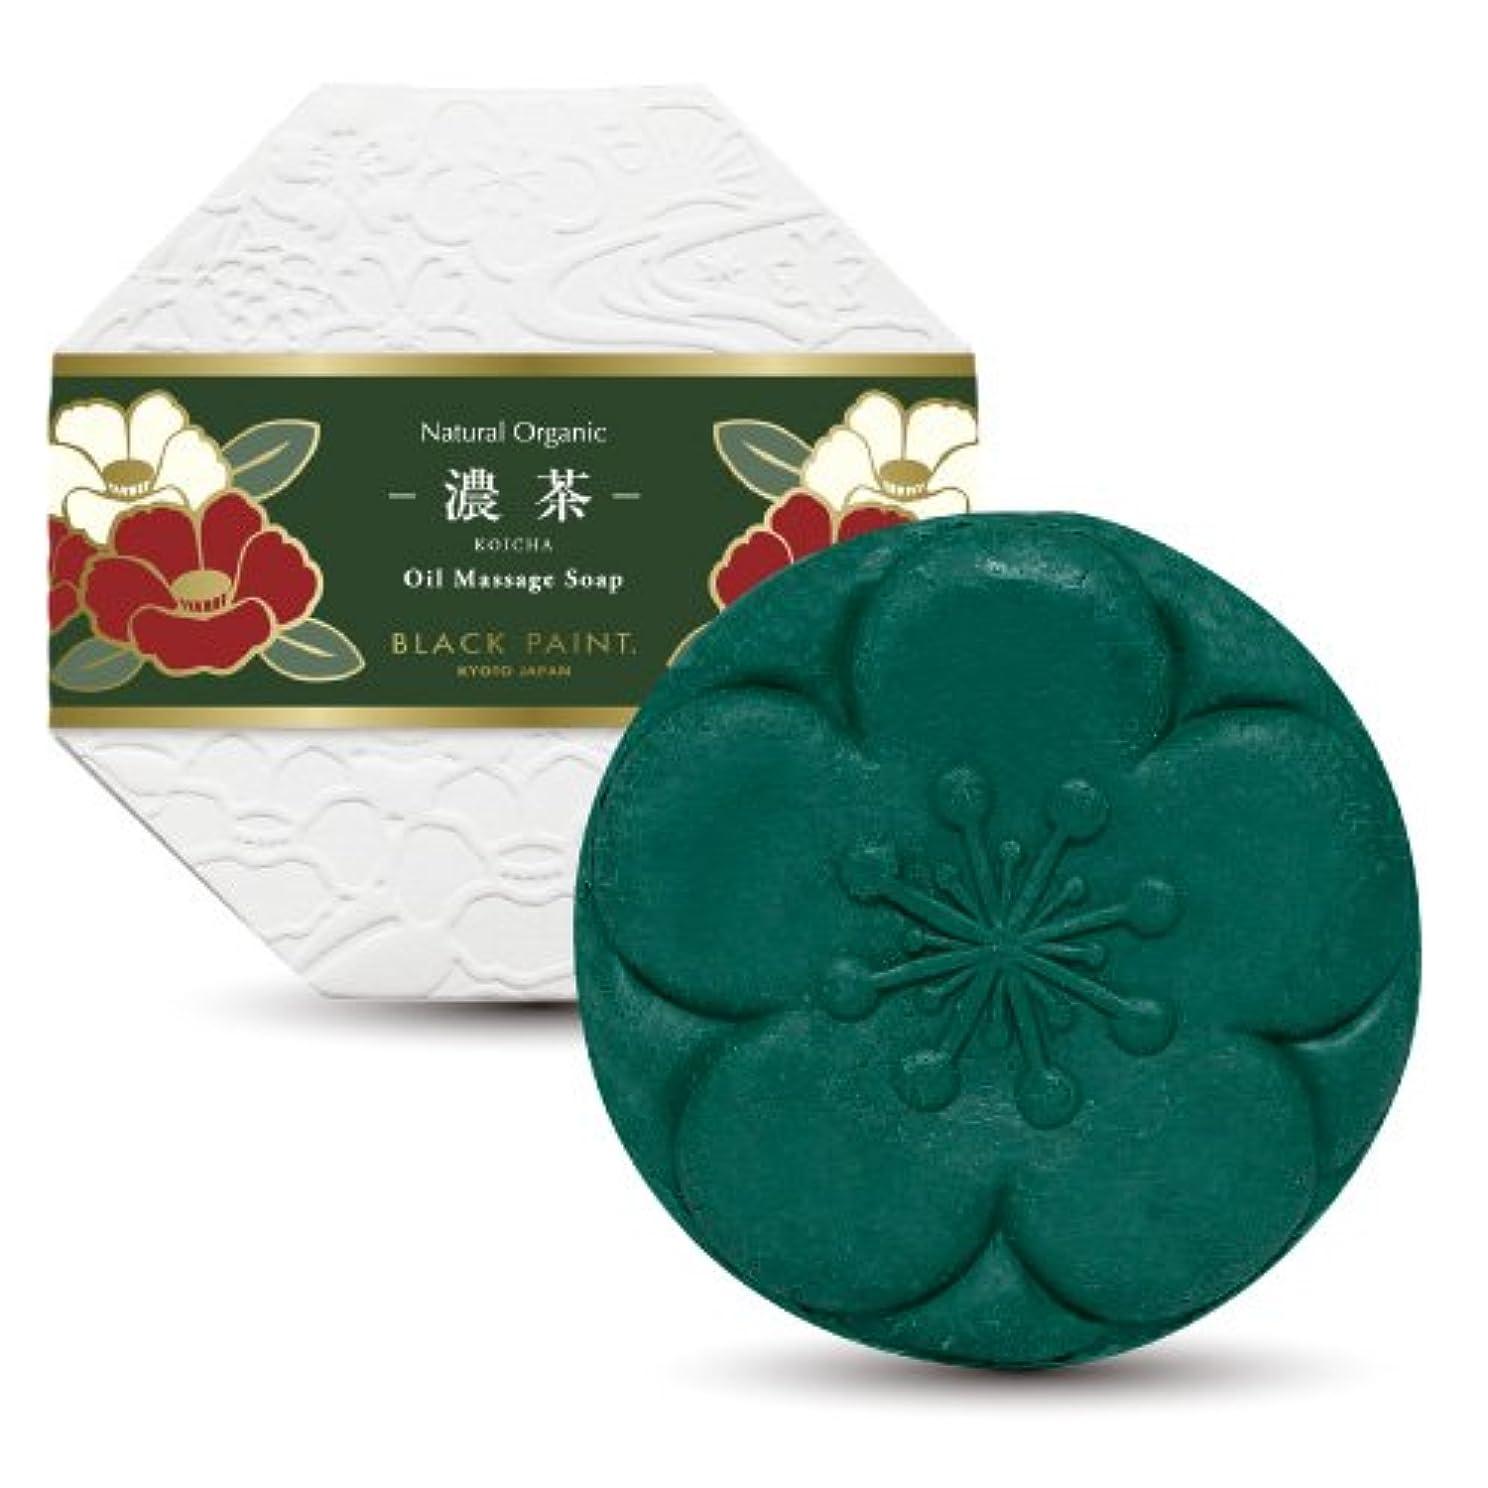 目に見えるバルク寓話京のお茶石鹸 濃茶 120g 塗る石鹸